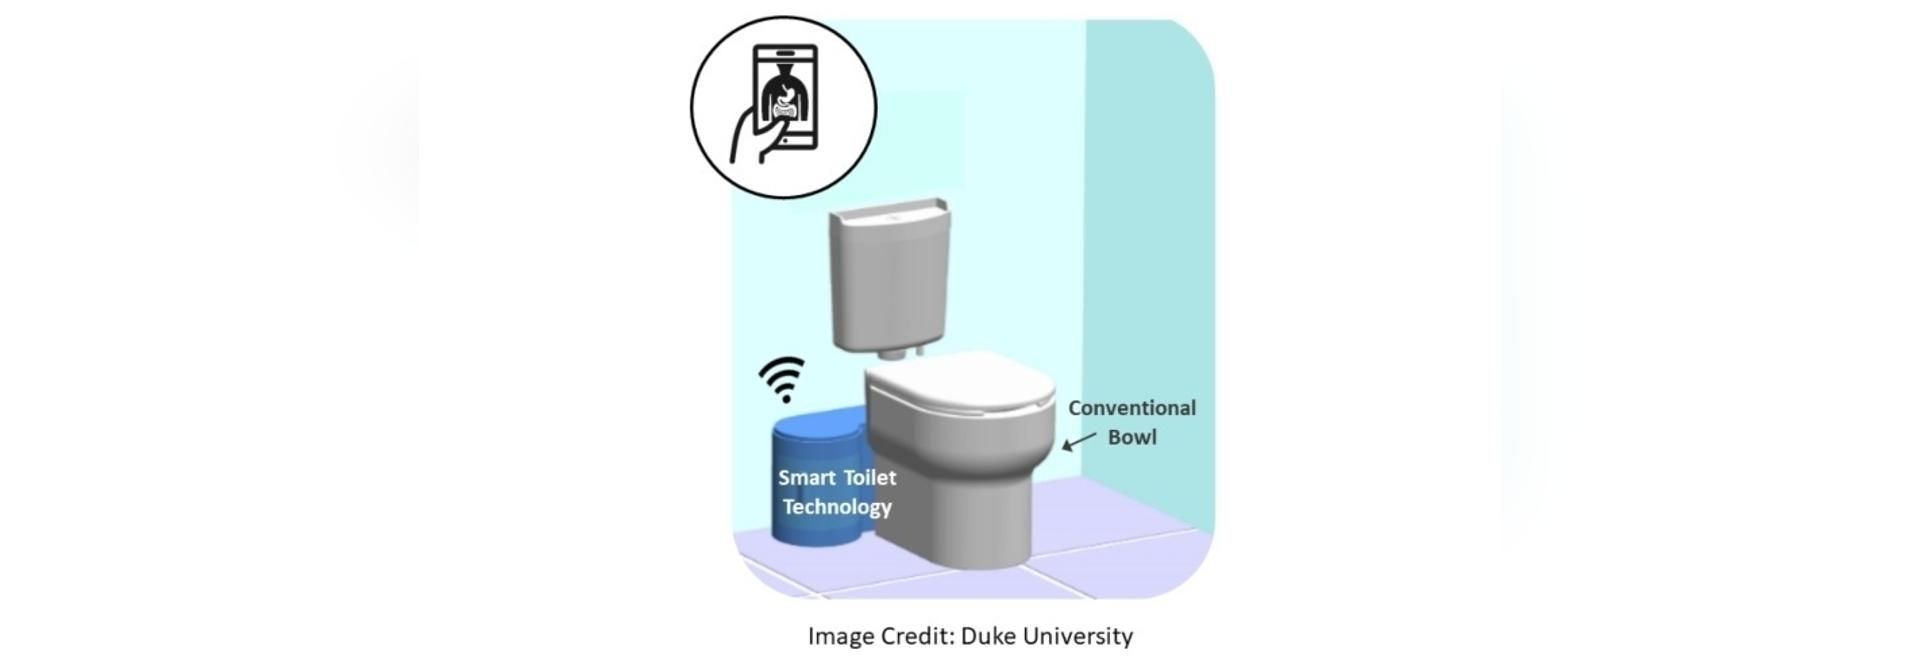 Vigilancia de enfermedades con cada descarga: Presentación del inodoro inteligente